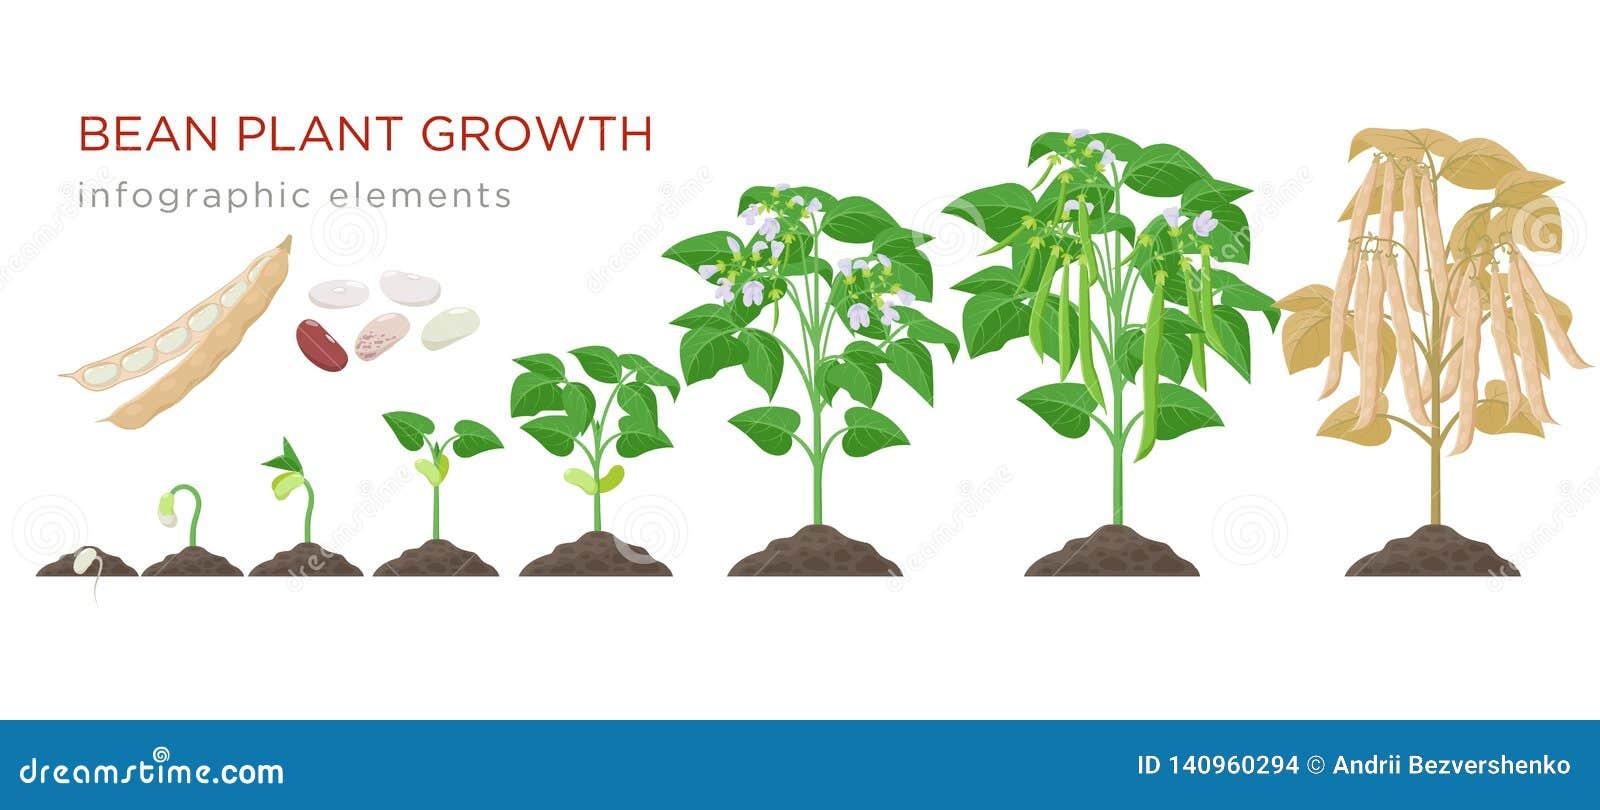 Elementos infographic de las etapas del crecimiento vegetal de haba en diseño plano El proceso de establecimiento de habas de las